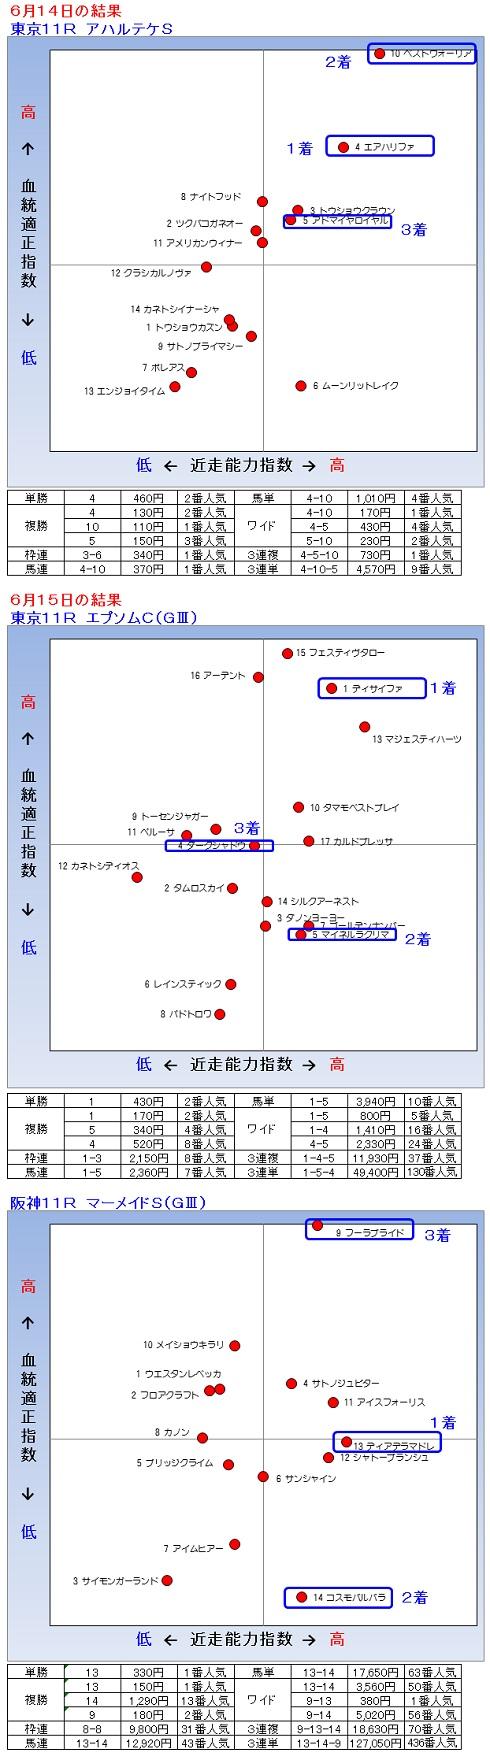 2014-06-1415結果